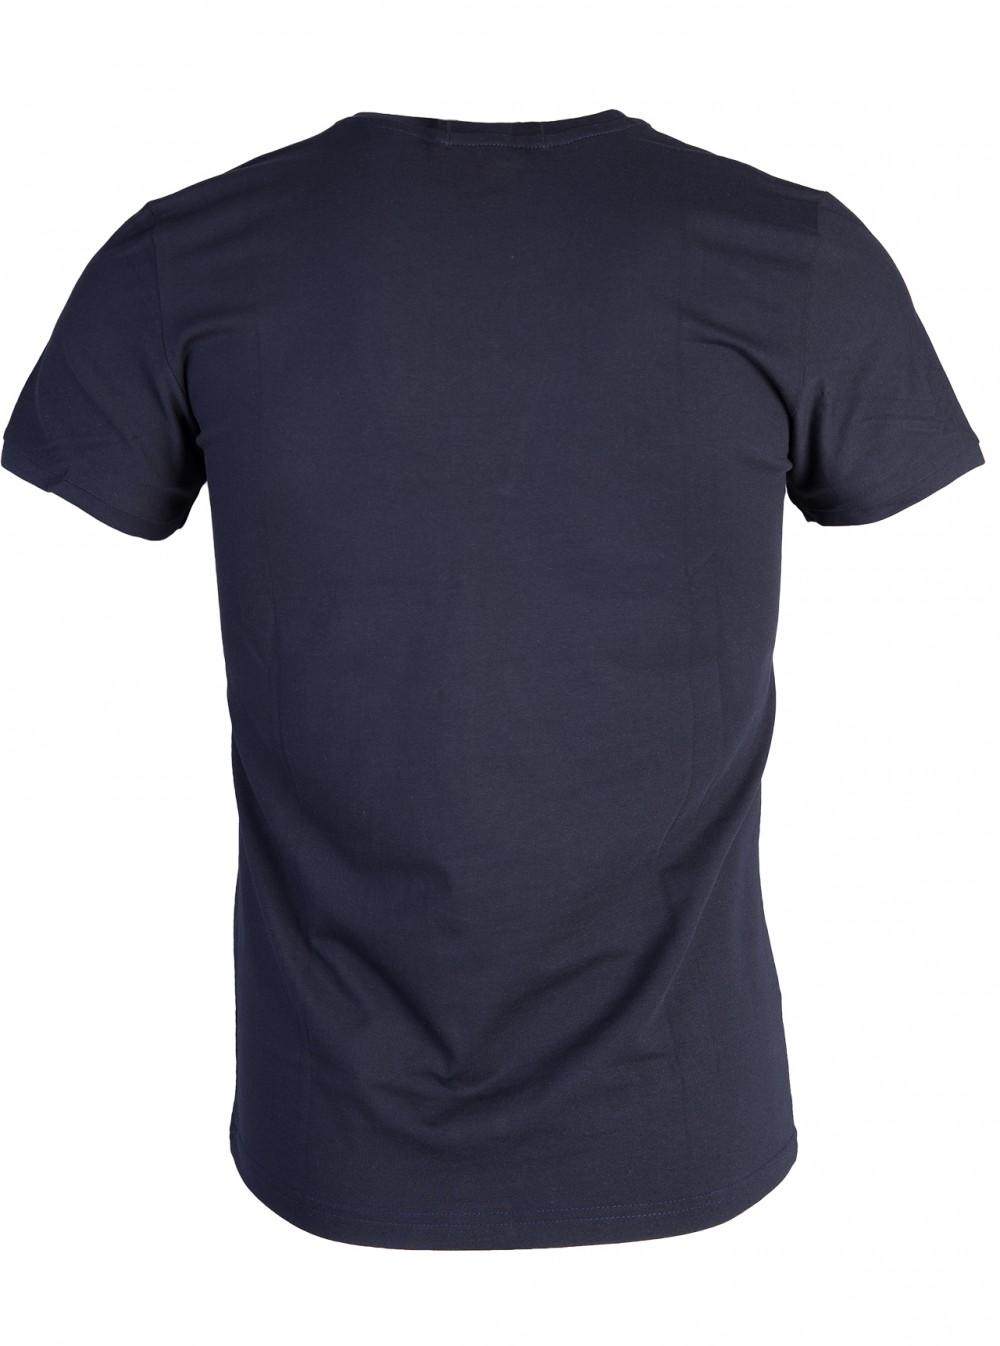 Áo thun xanh đen at760 - 6